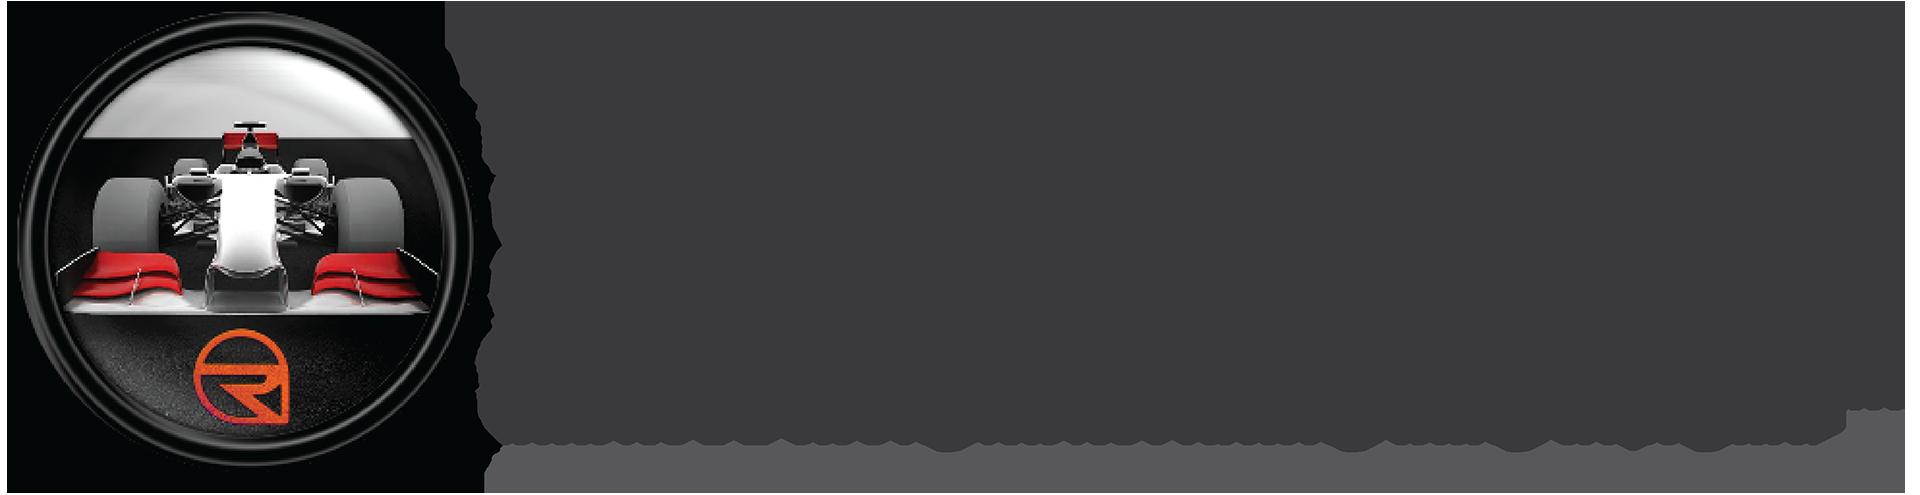 Việt Nam đăng cai F1: Cú hích lịch sử và giấc mơ sắp thành sự thực - 3